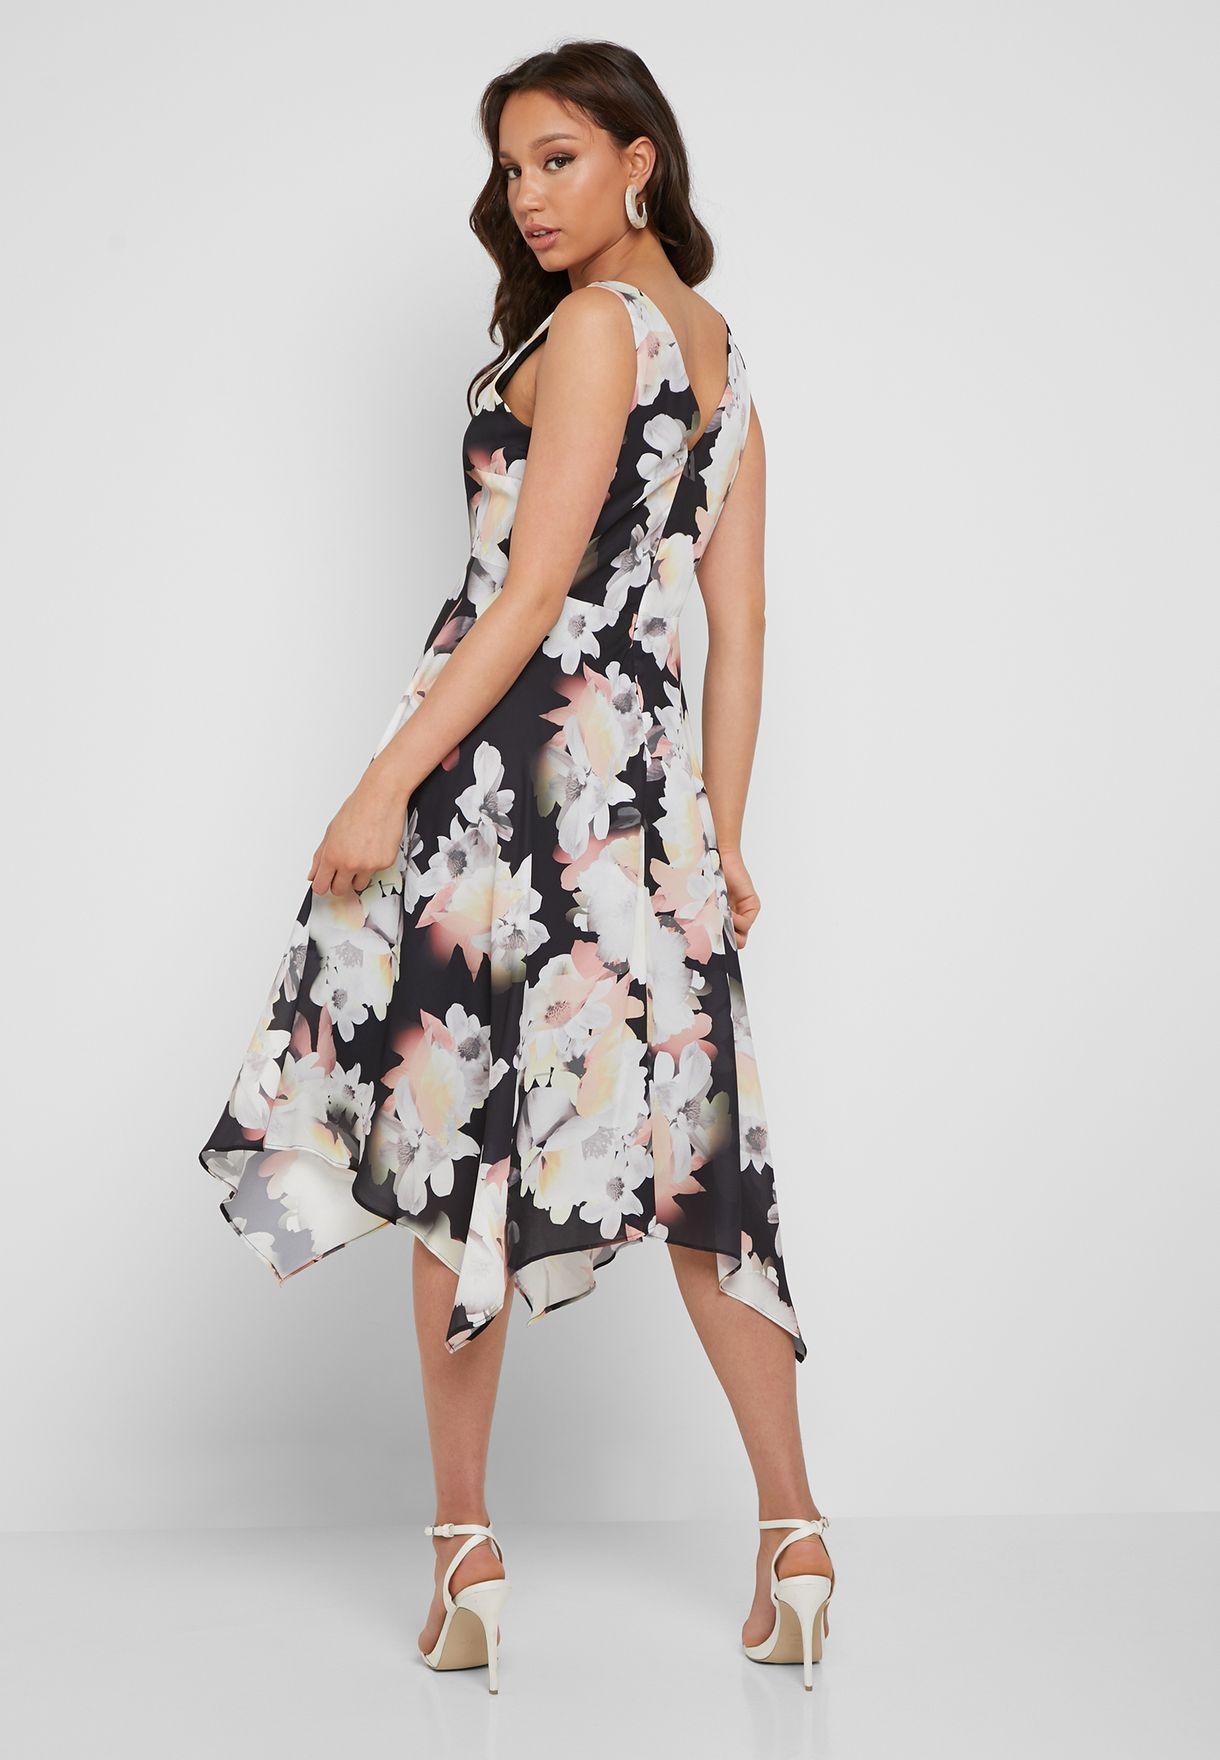 Floral Print Asymmetric Dress